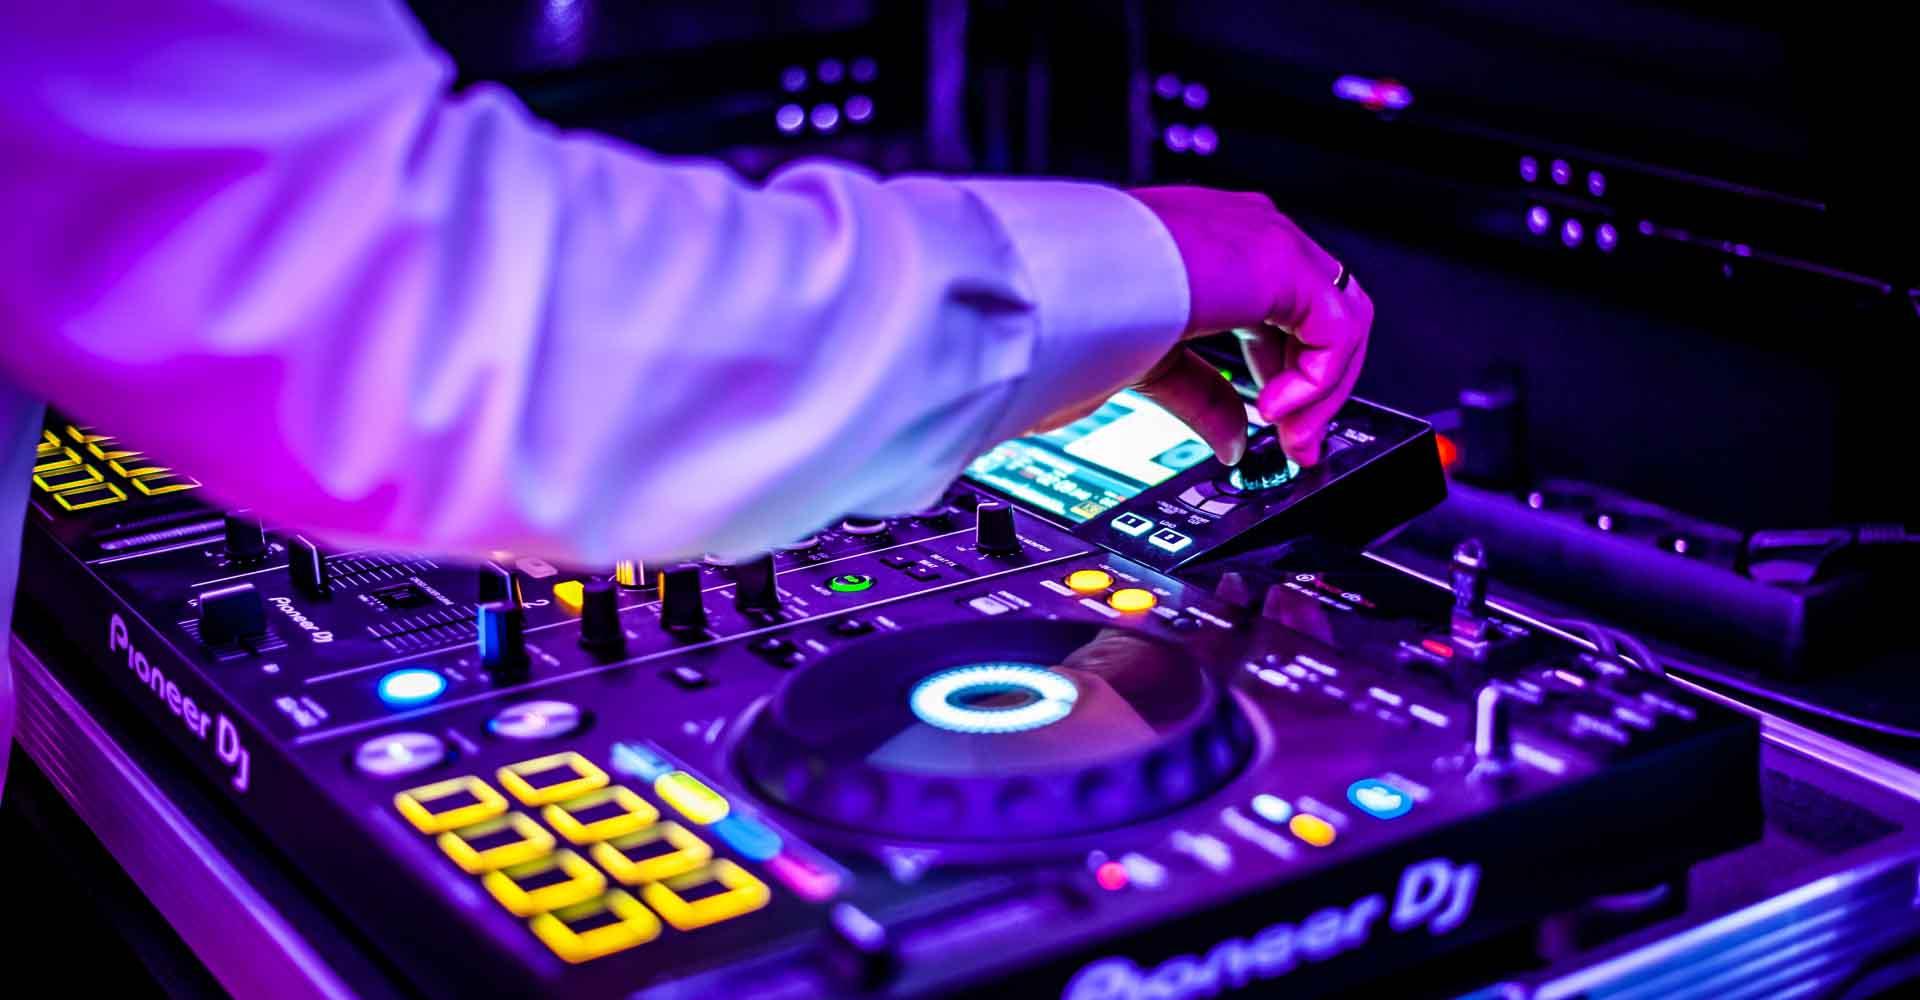 Od 6 czerwca możliwość imprez okolicznościowych do 150 osób DJ Raf&Mike